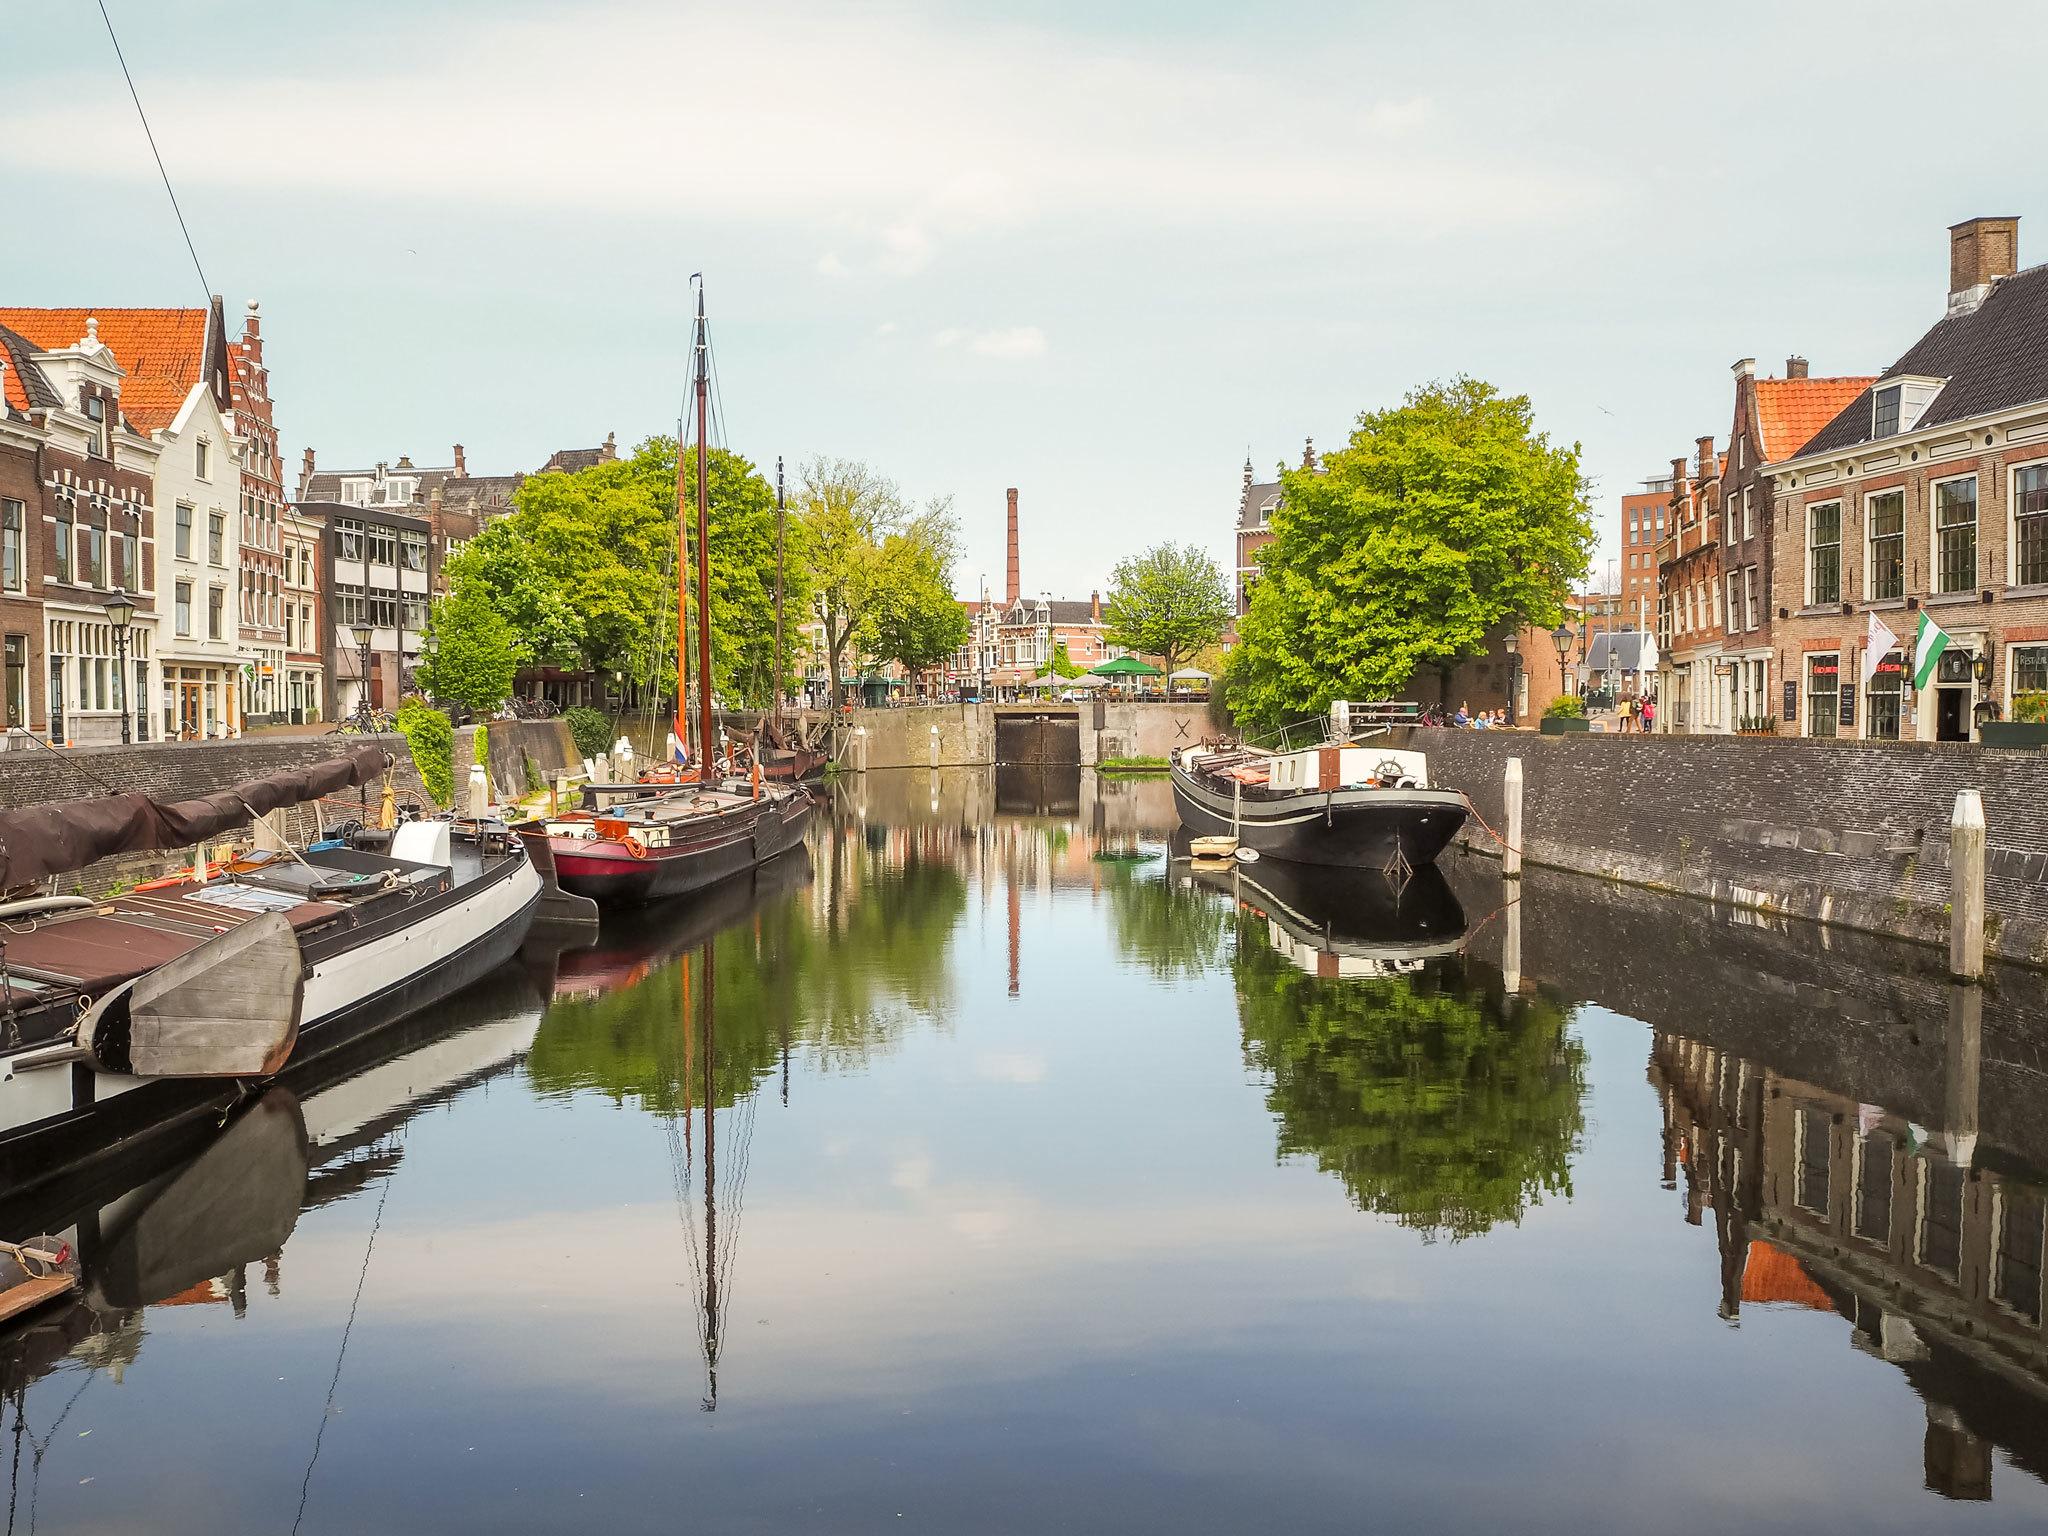 Delfhaven - Rotterdam - Netherlands